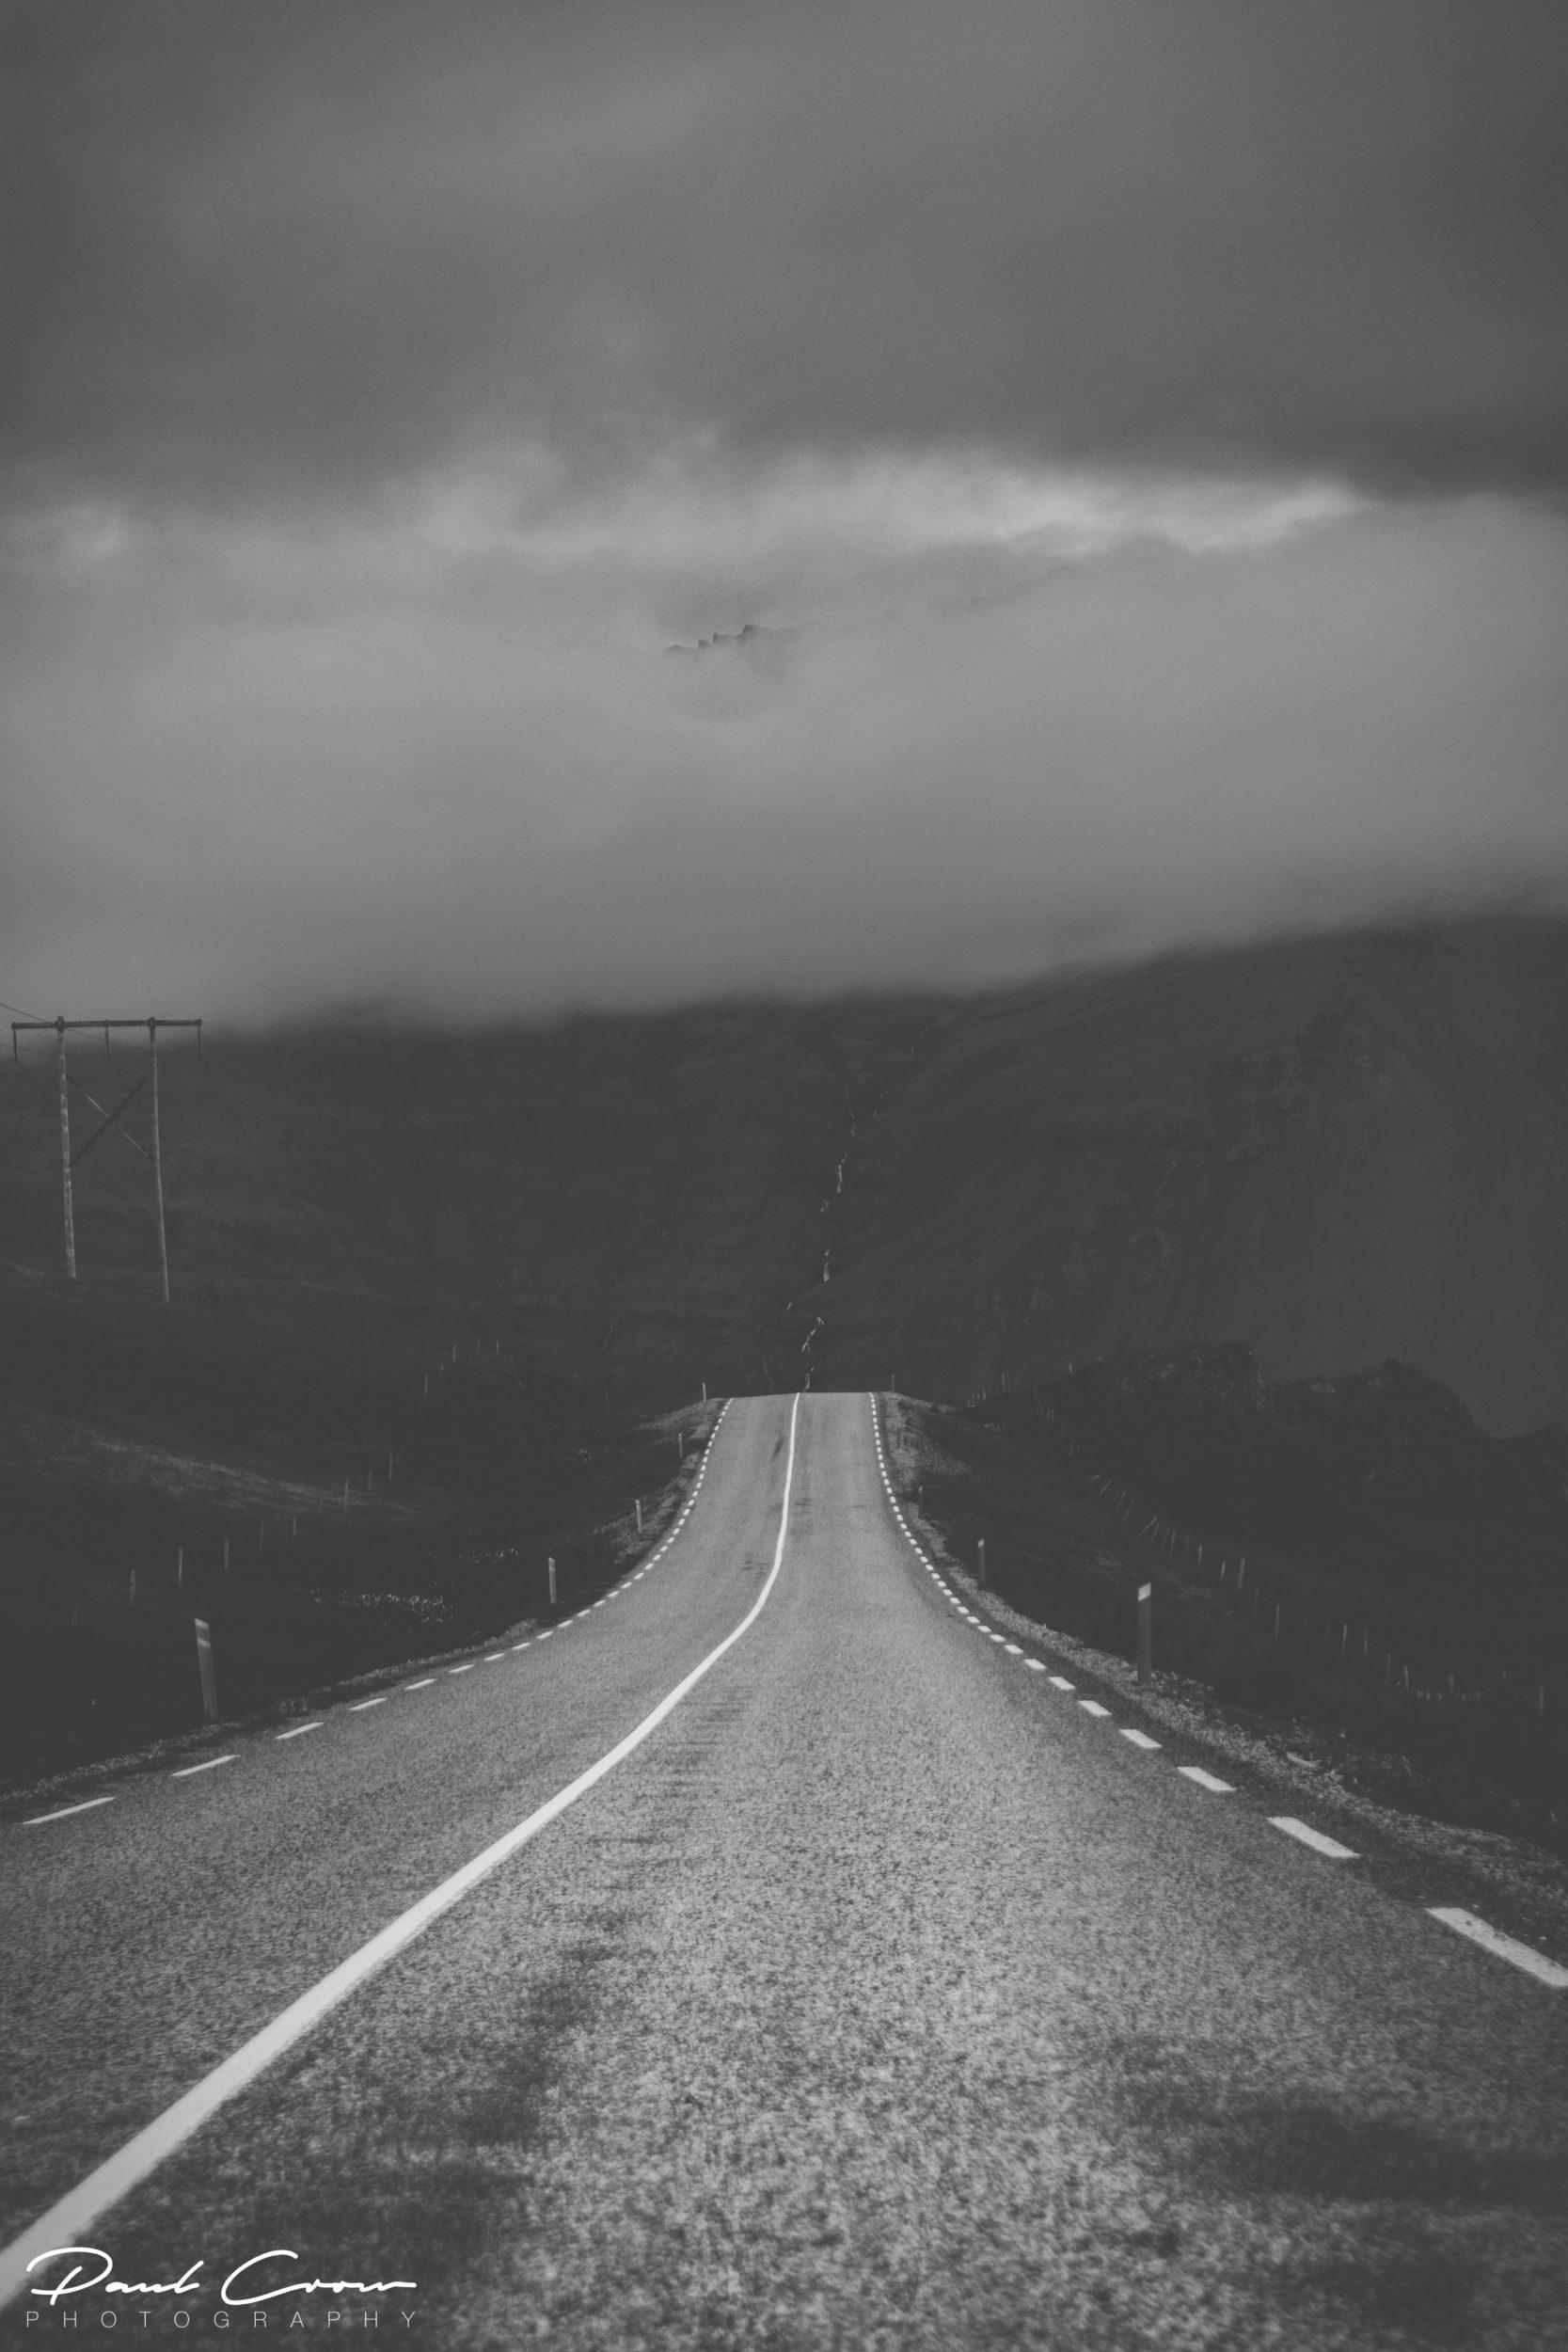 Road under the clouds to Stöðvarfjörður